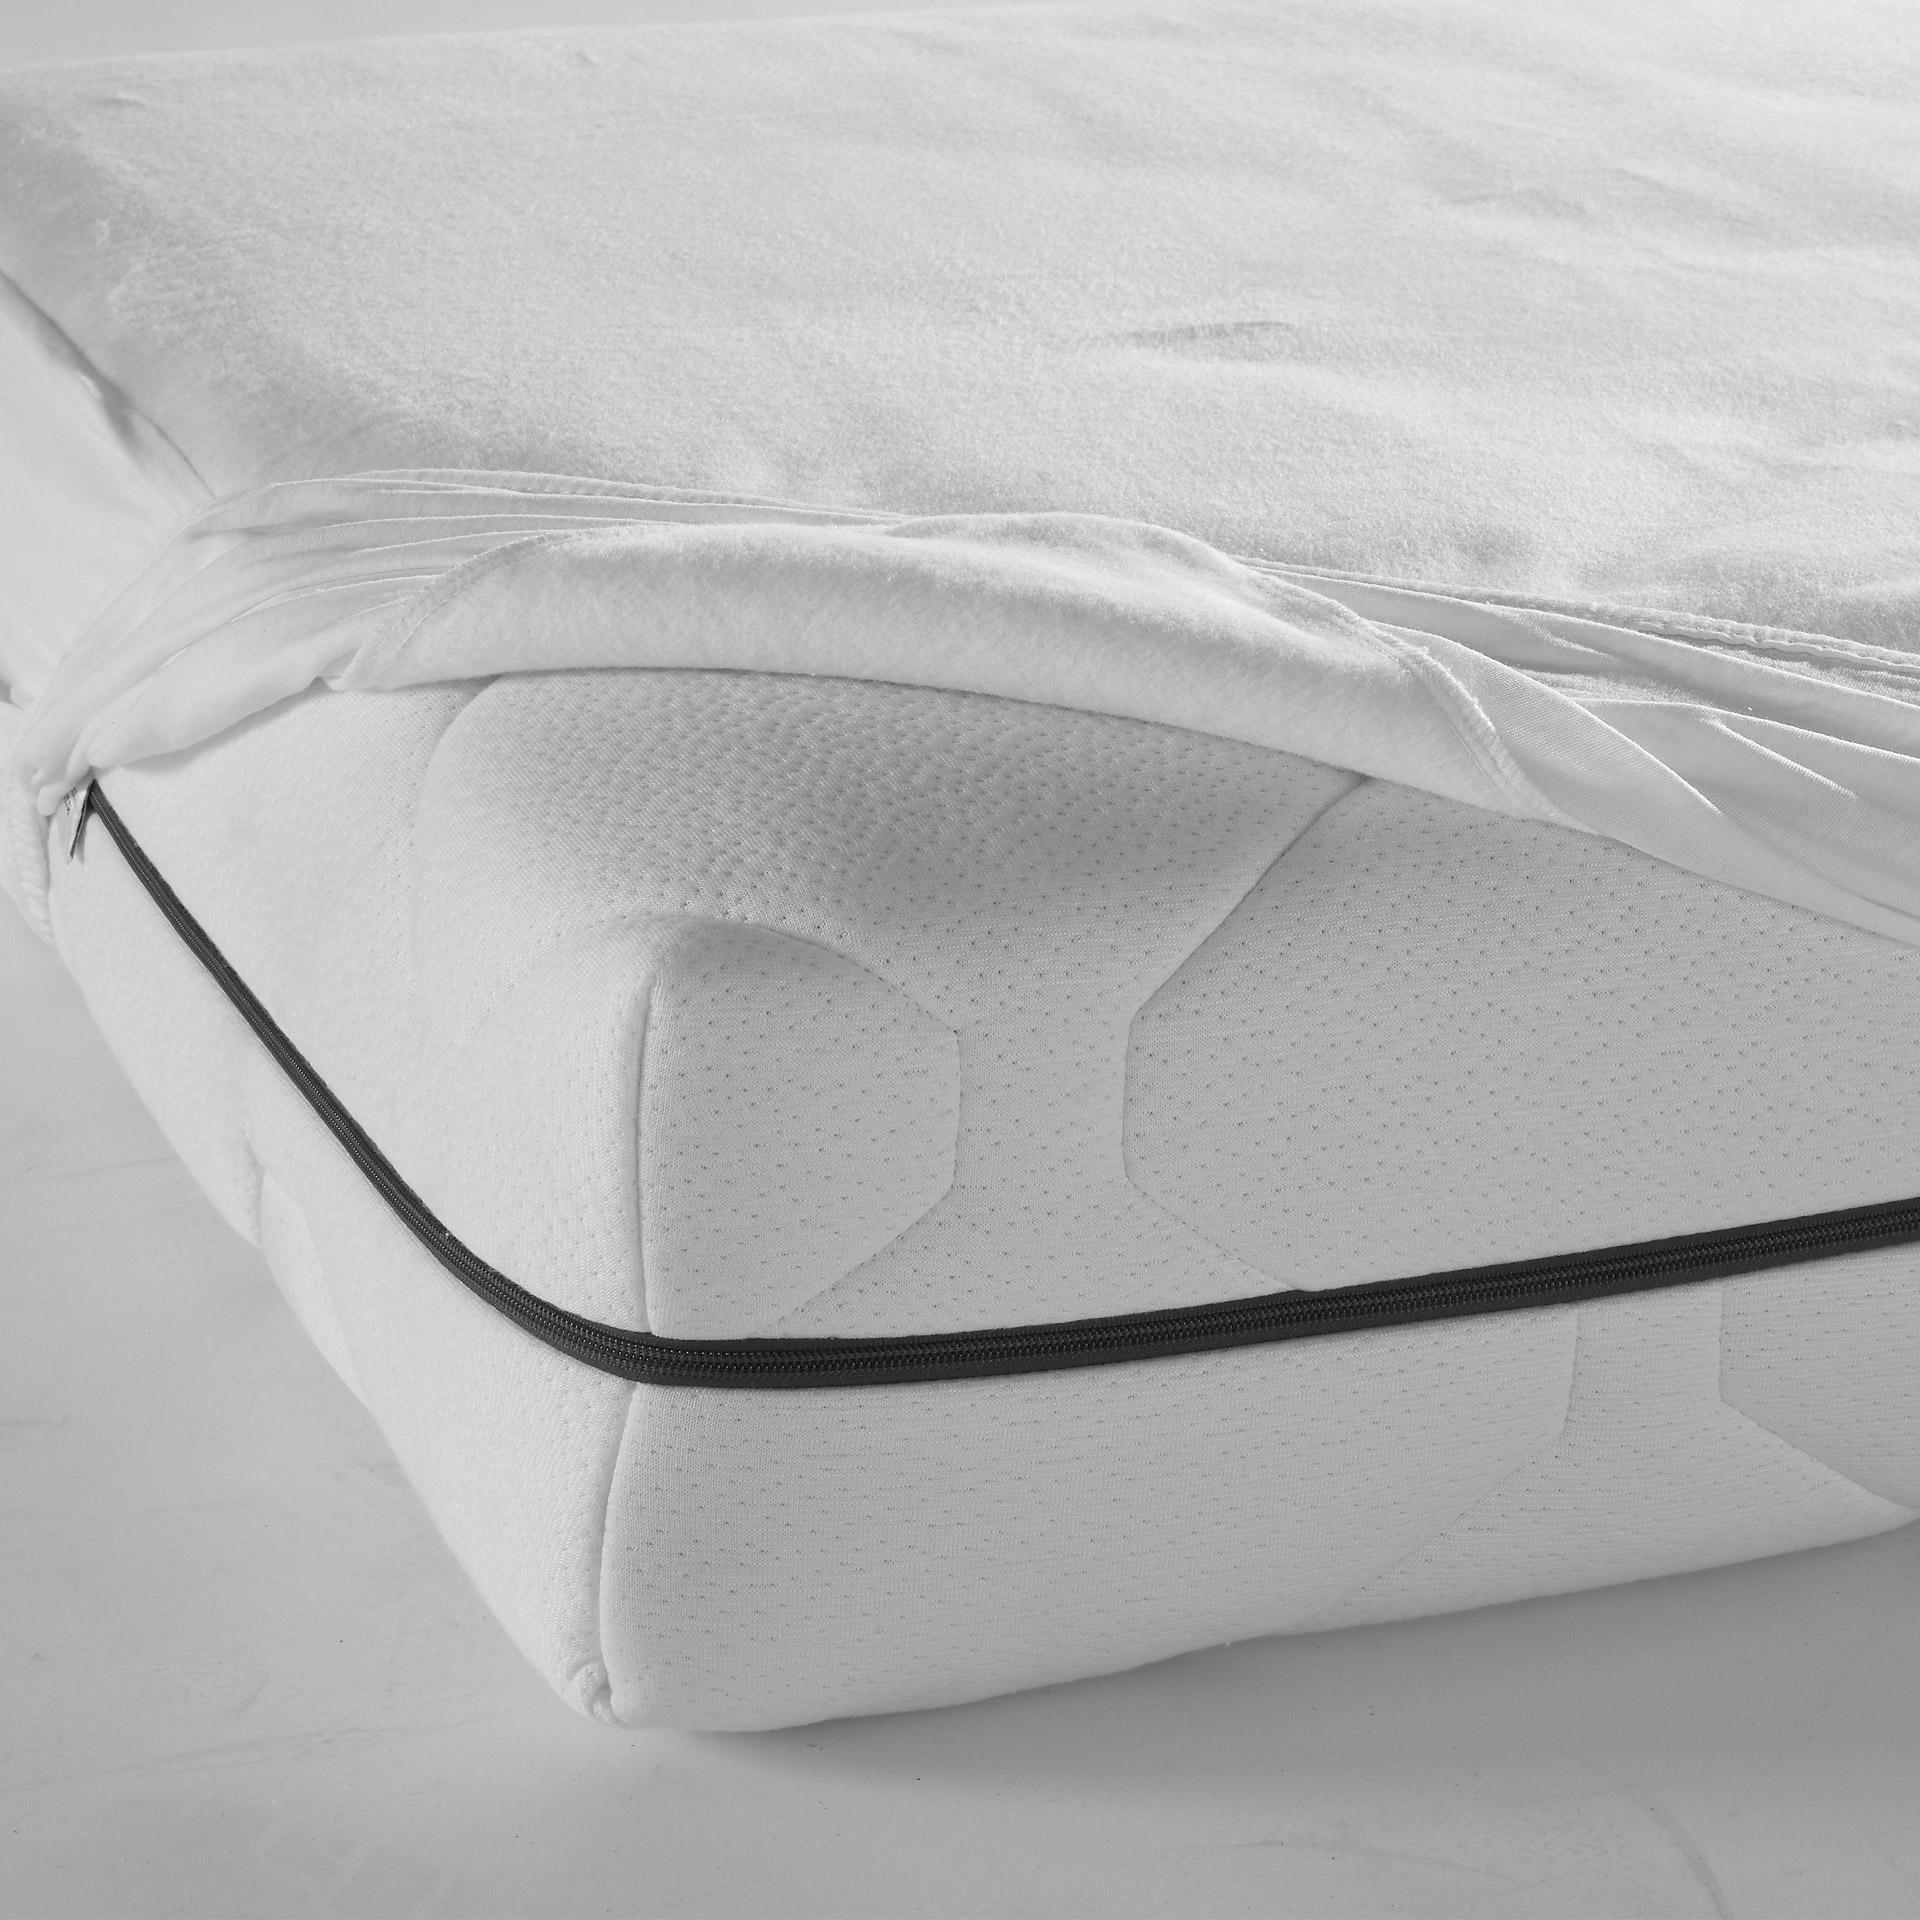 Molton-Matratzenauflage mit Rundum-Gummizug (80x200, kochfest)